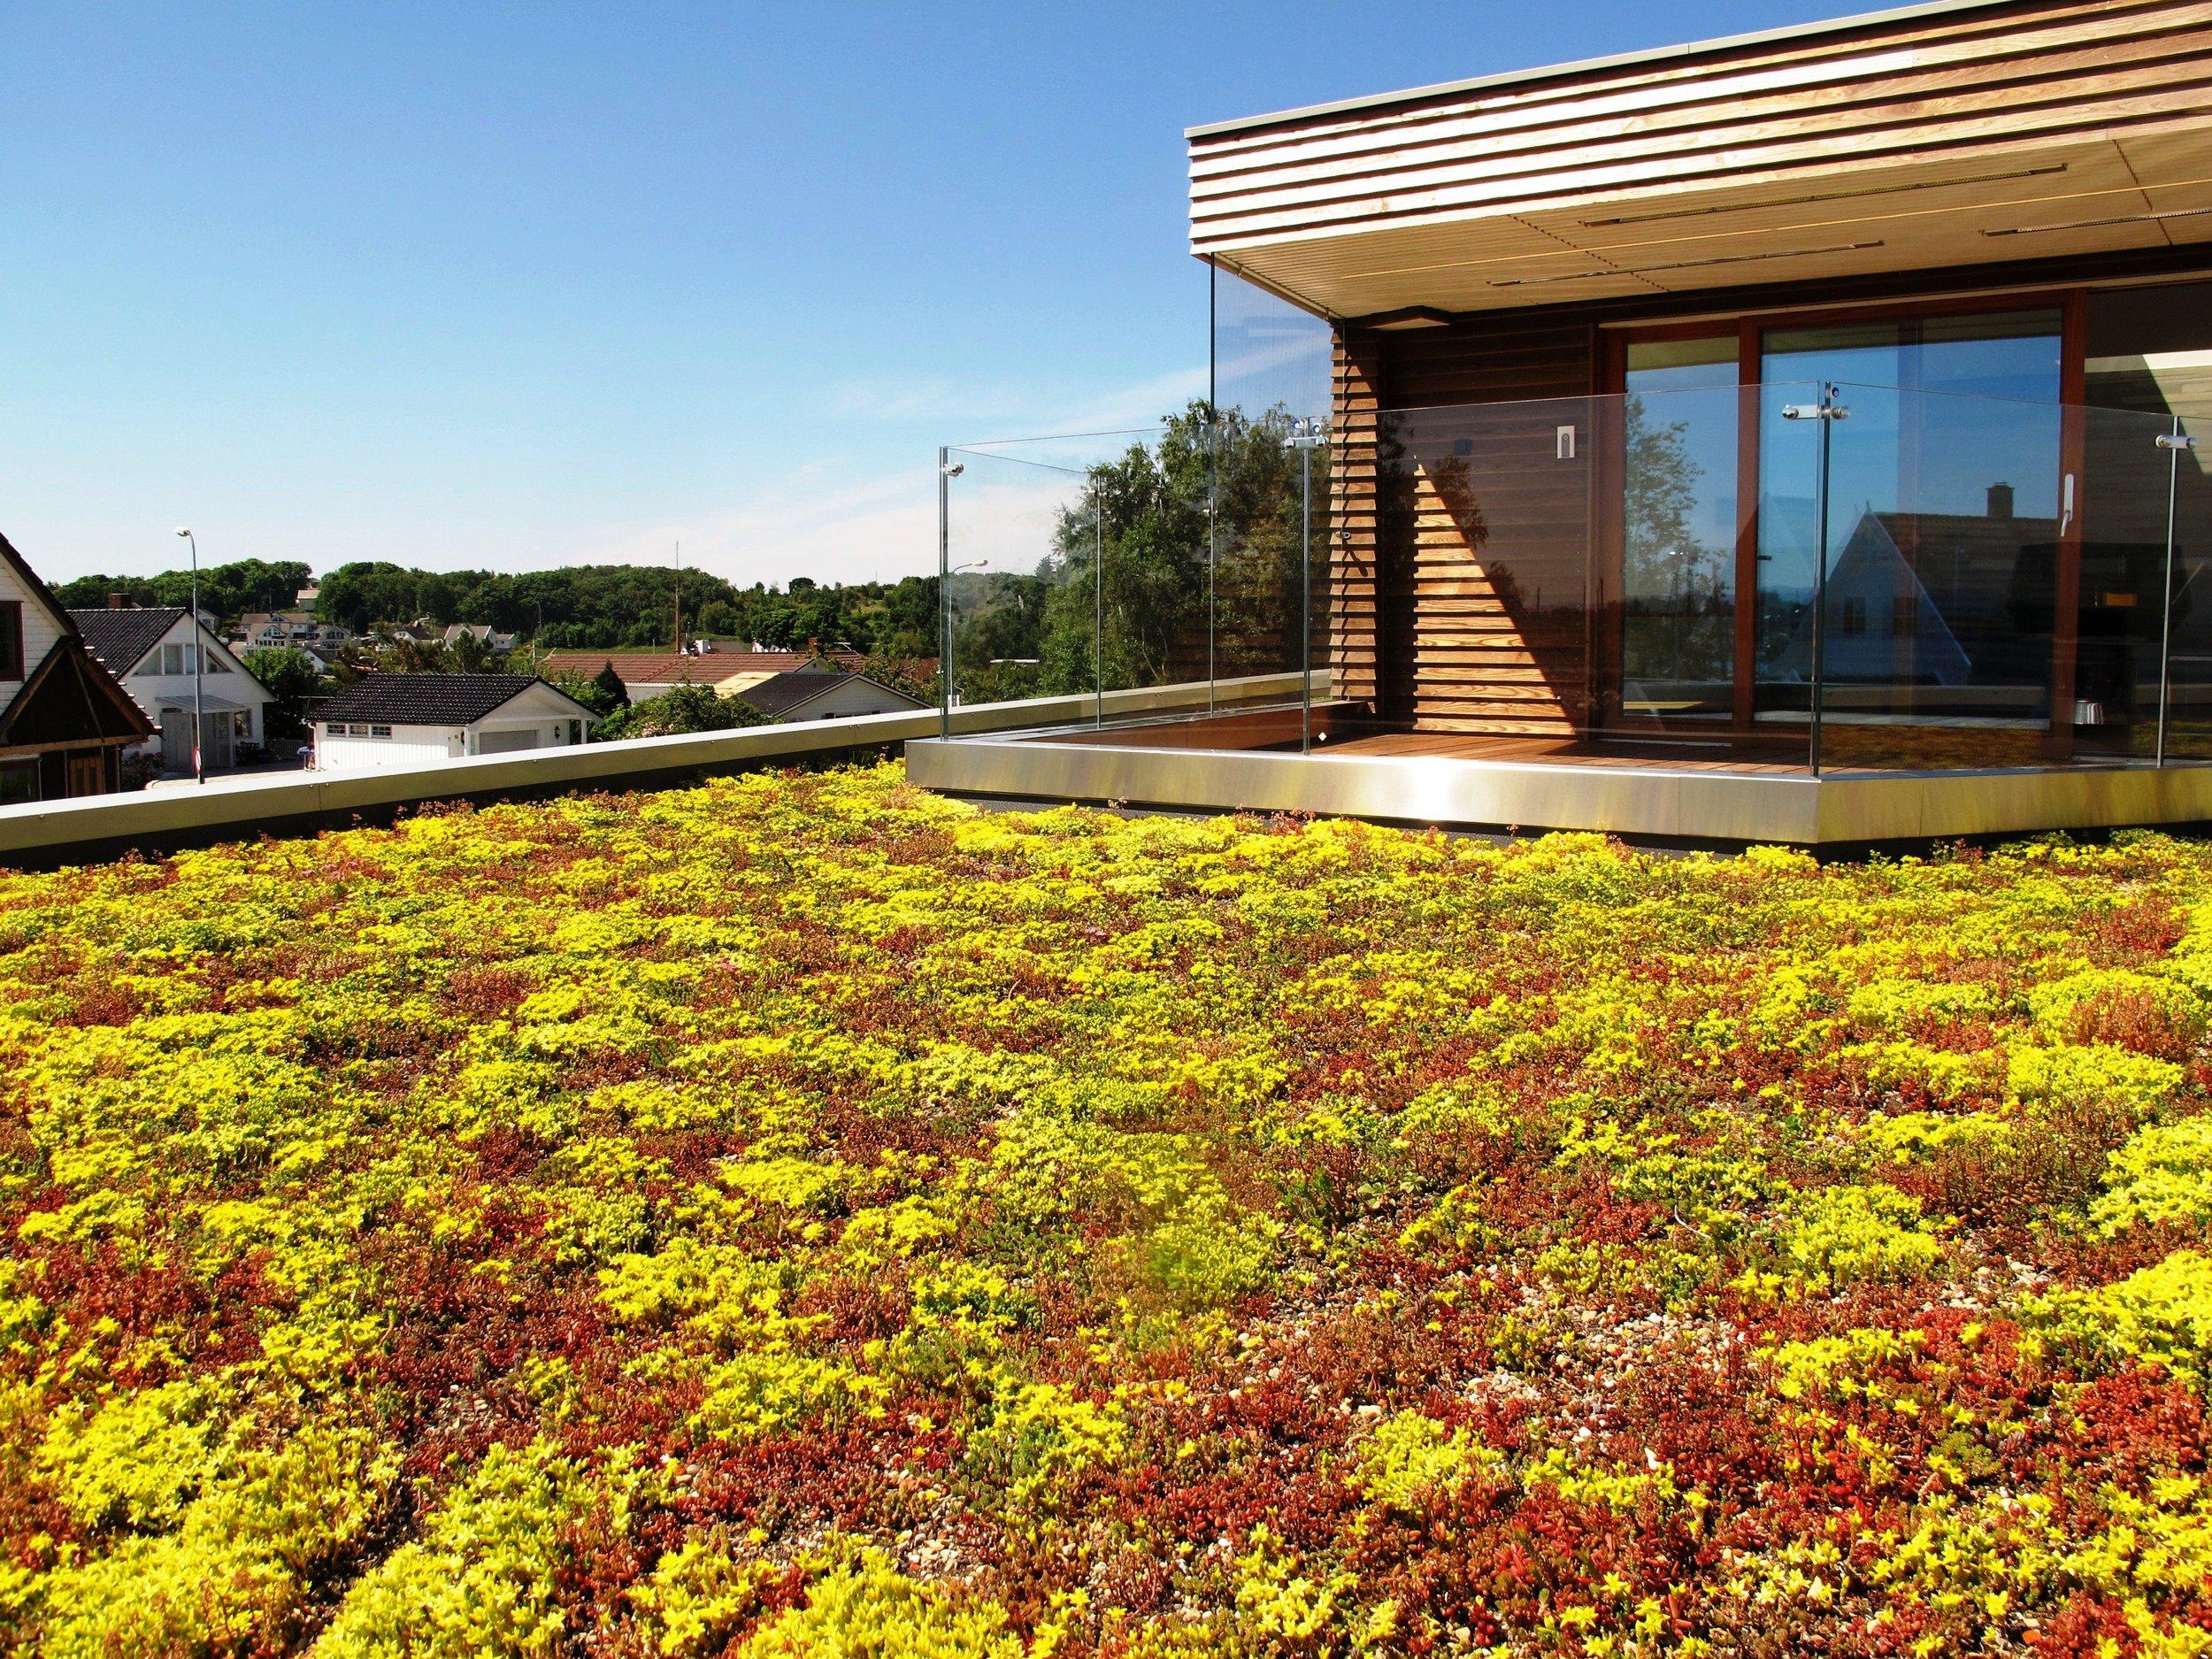 Urbane uterom kan bygges som vakre, skjermede takhager. Dette hever trivselen, forbedrer miljøet og fordrøyer overvann.